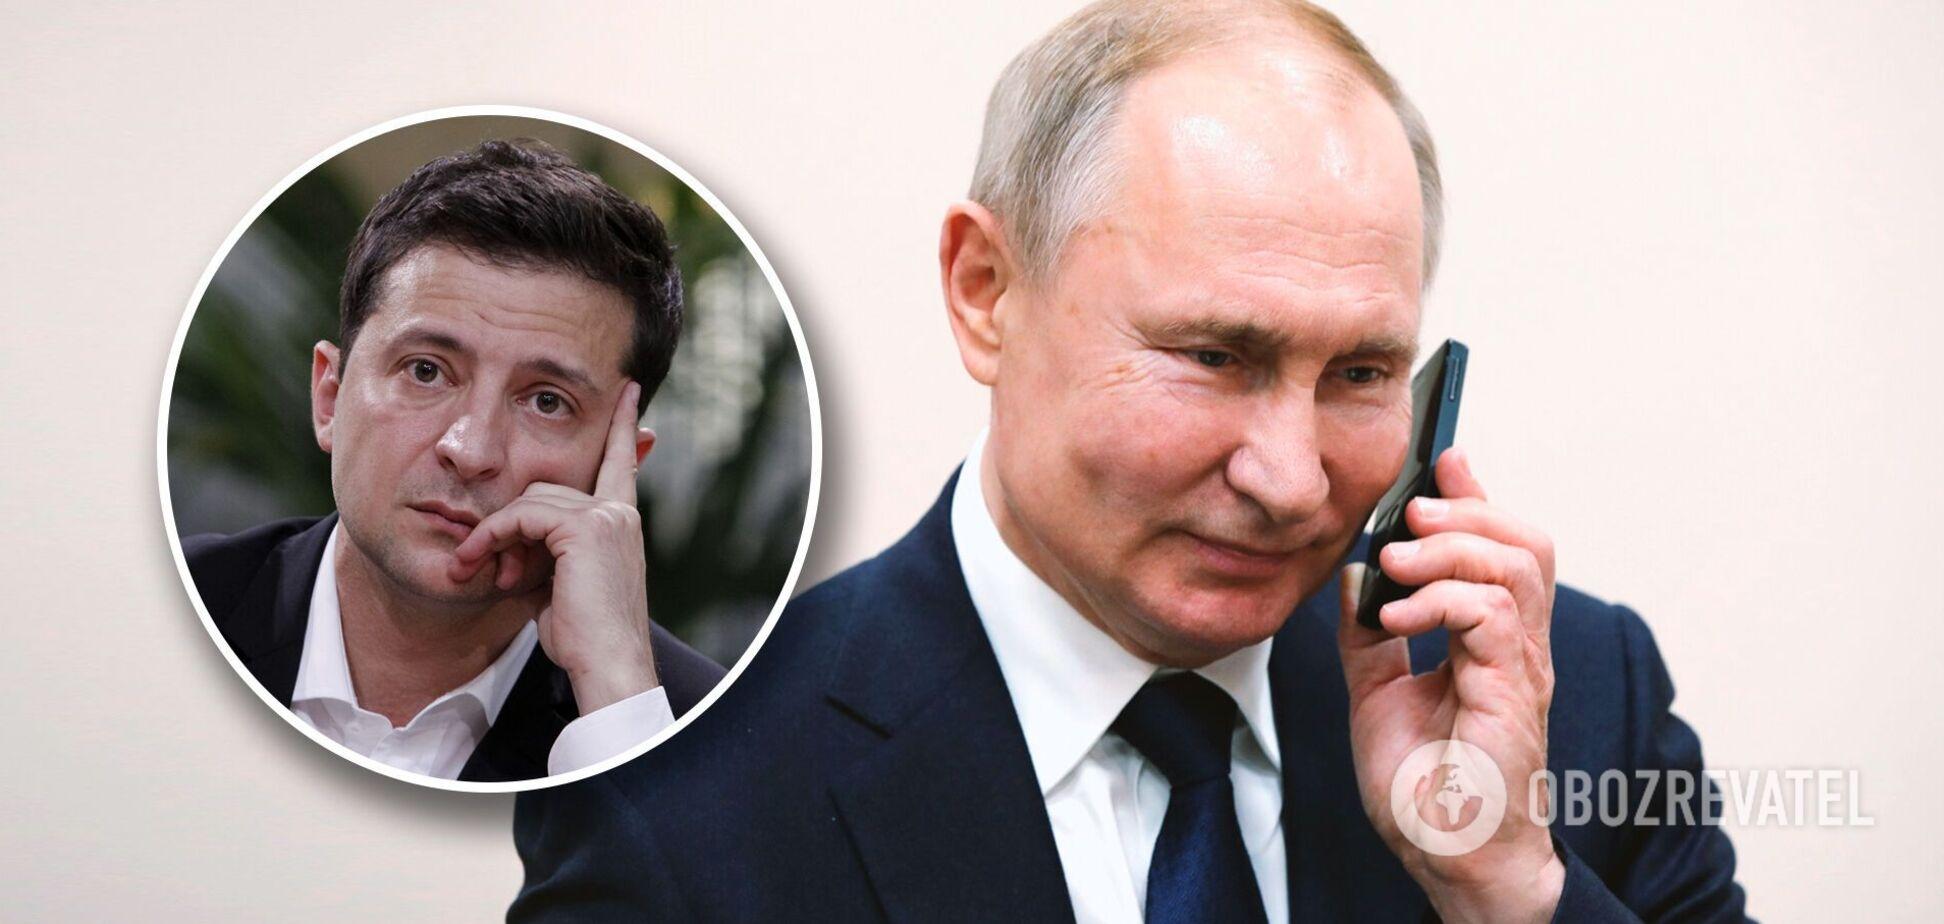 Портников: Путин считает Украину своей территорией, Зеленского для Кремля уже не существует